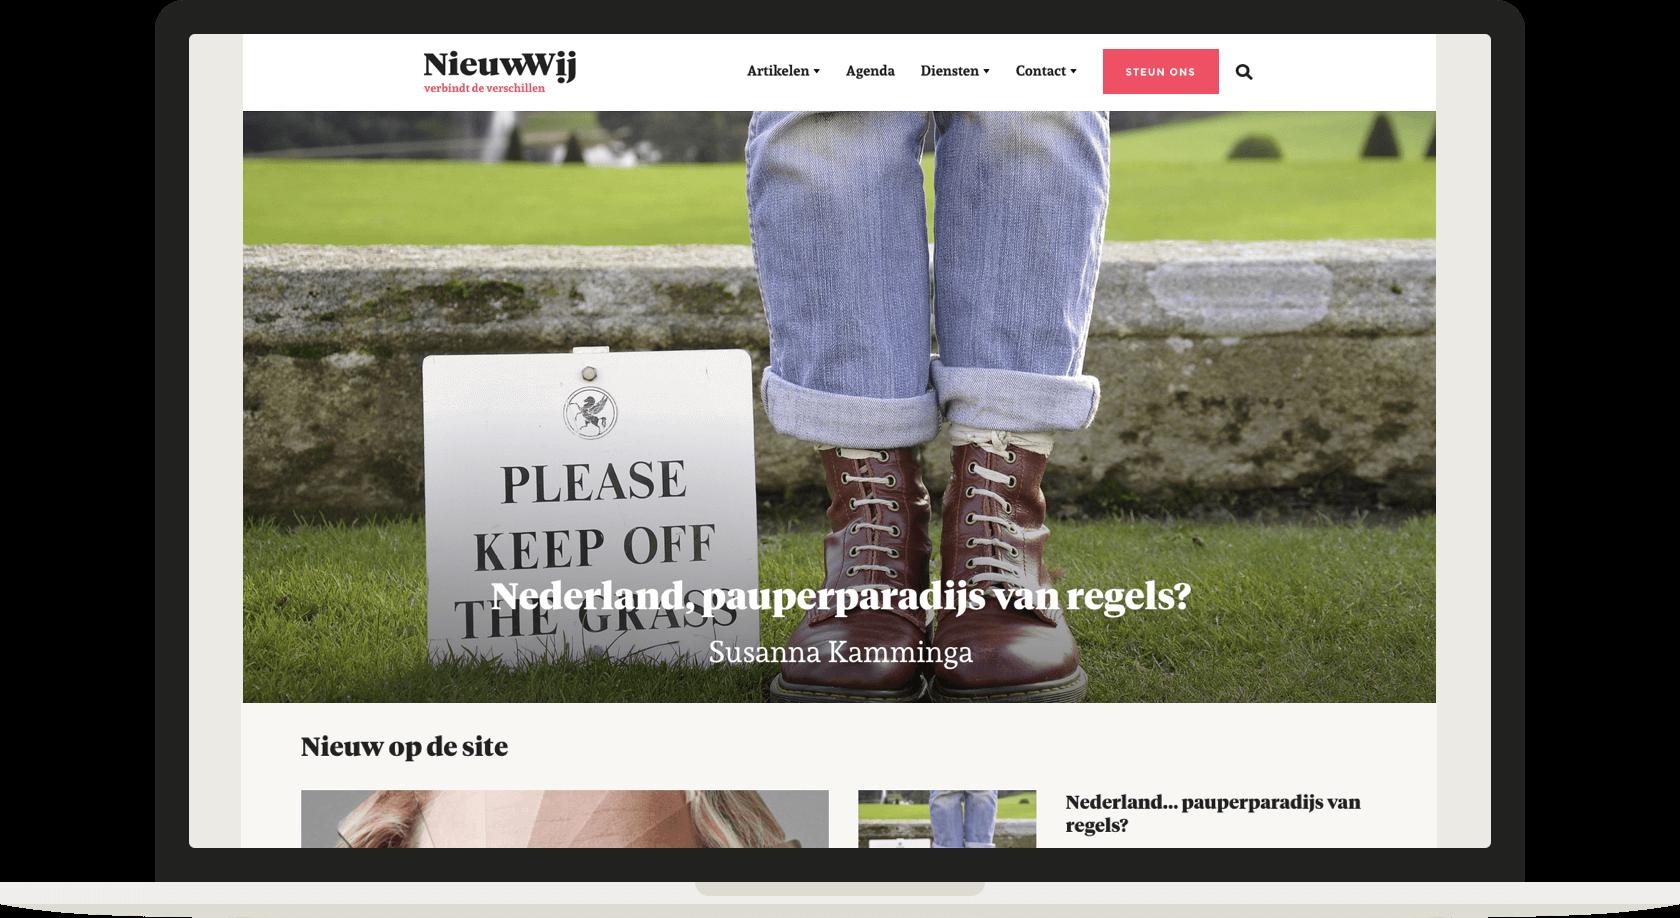 20170809-nieuwwij-macbook-1680-1